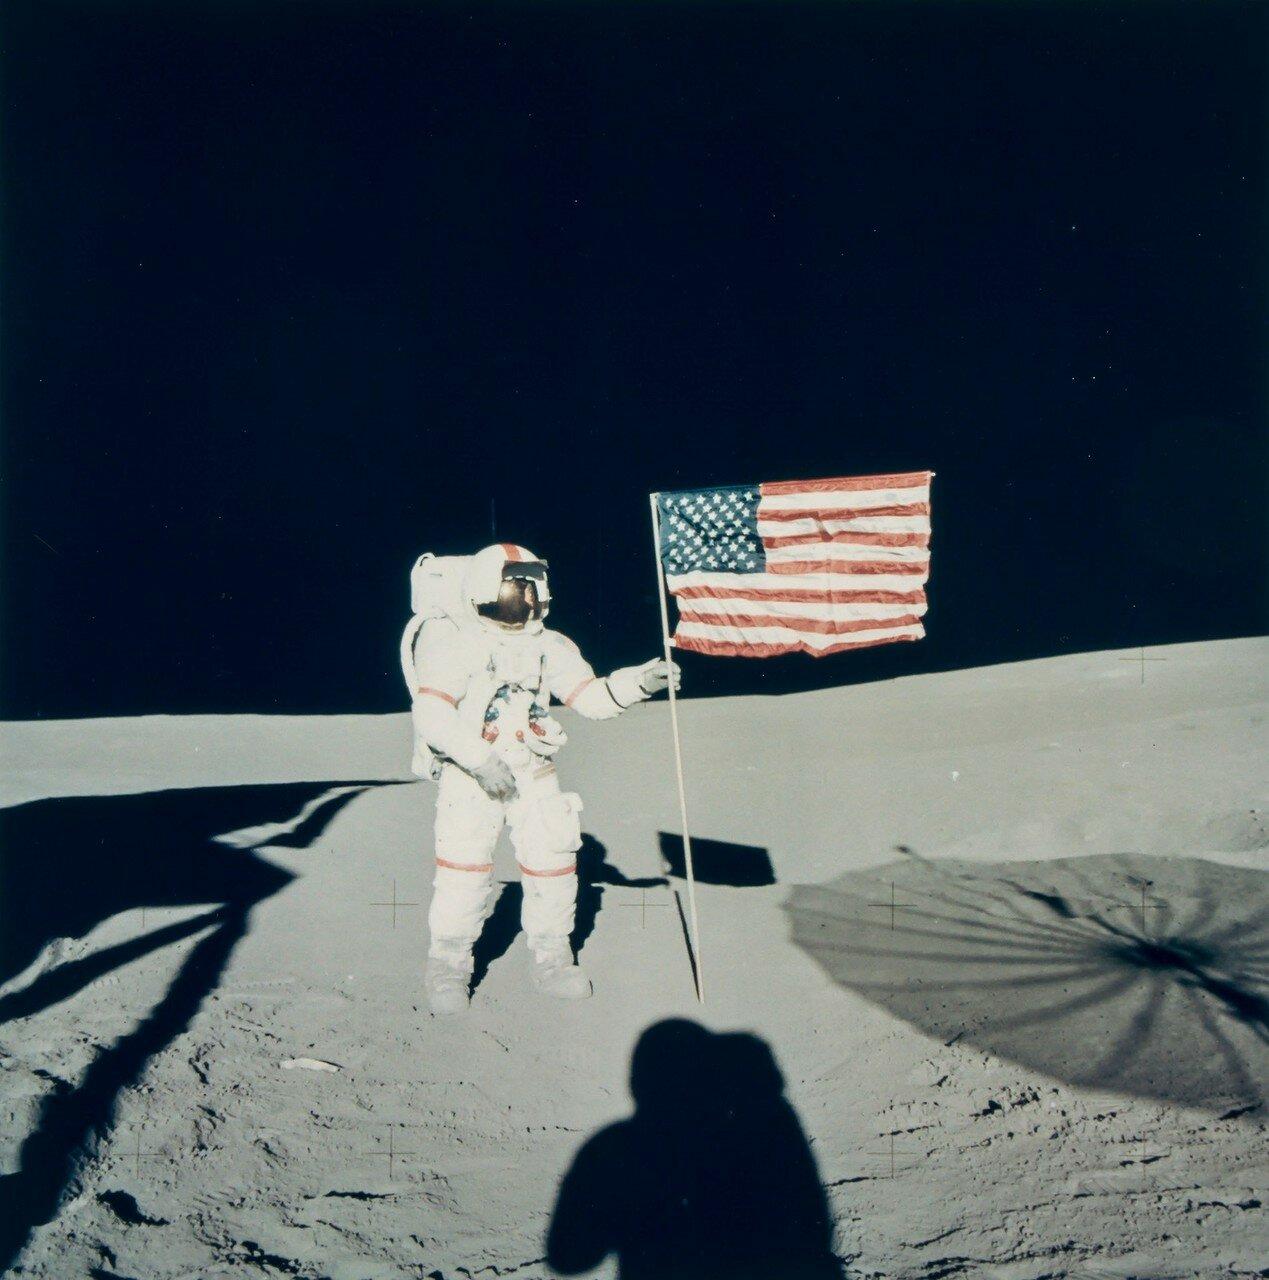 Шепард у флага на проволочном каркасе. Видны тени от лунного модуля и развёрнутой антенны